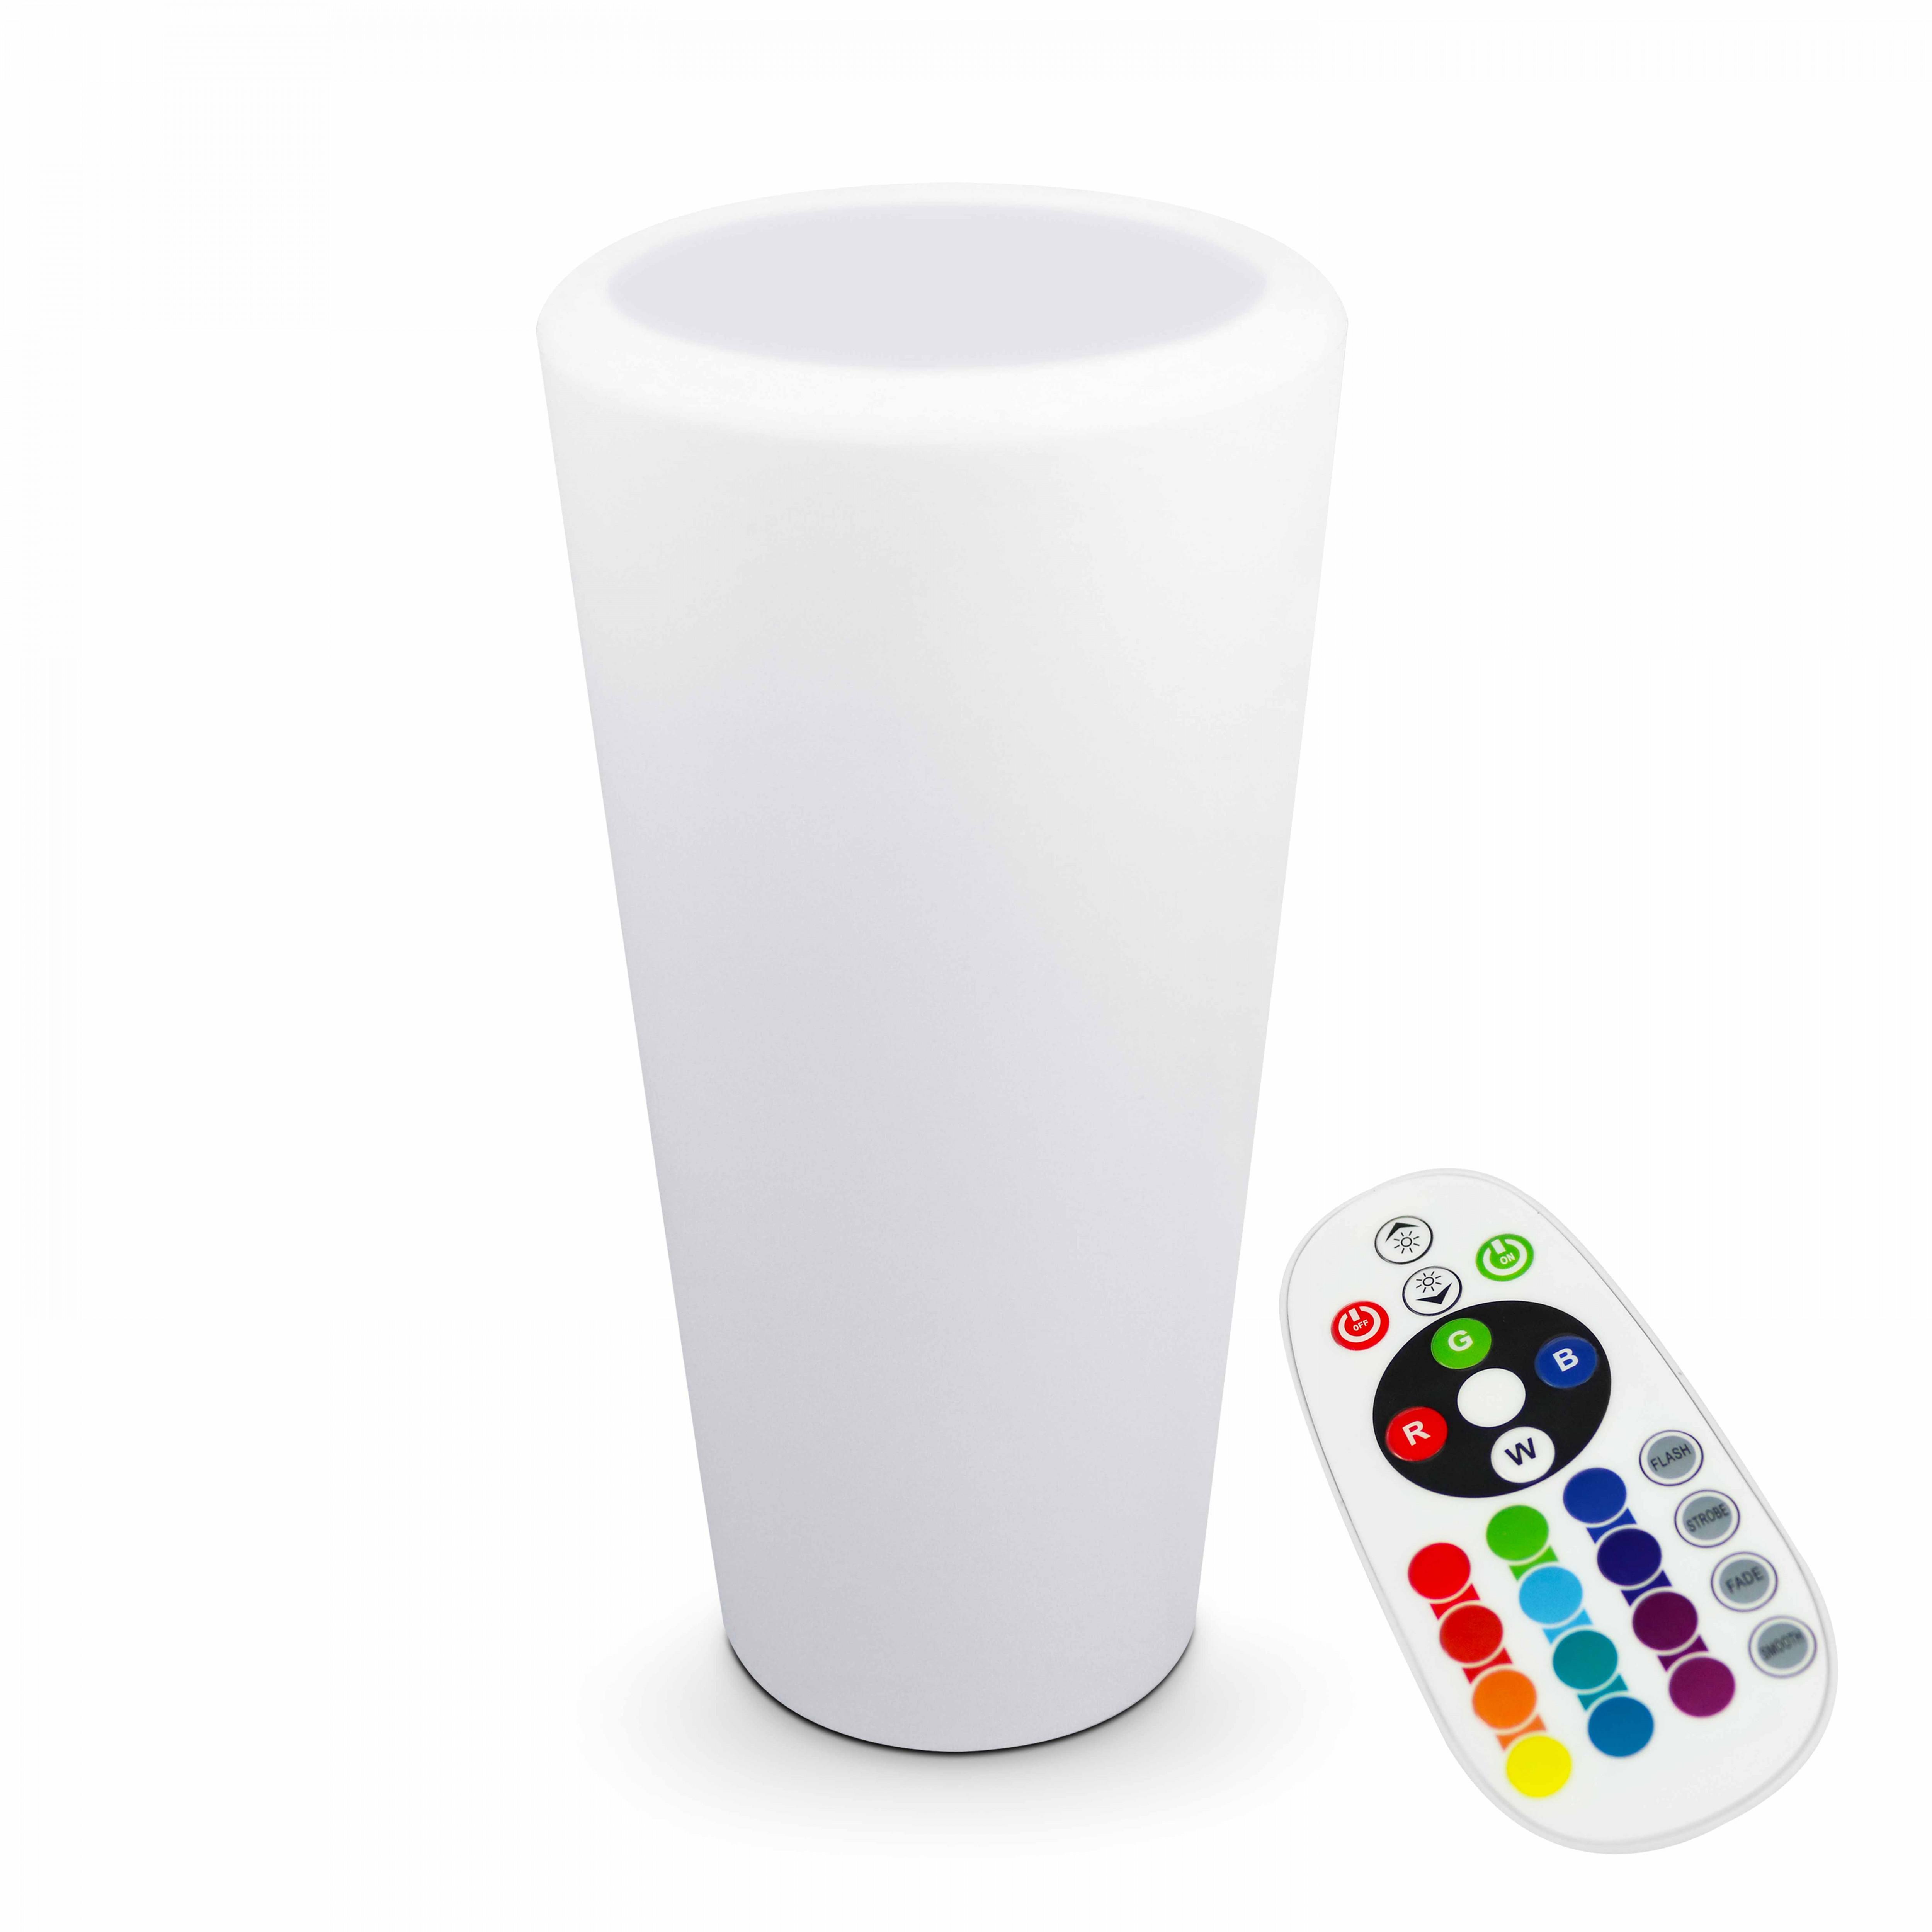 Pot de fleurs LED rechargeable multicolore